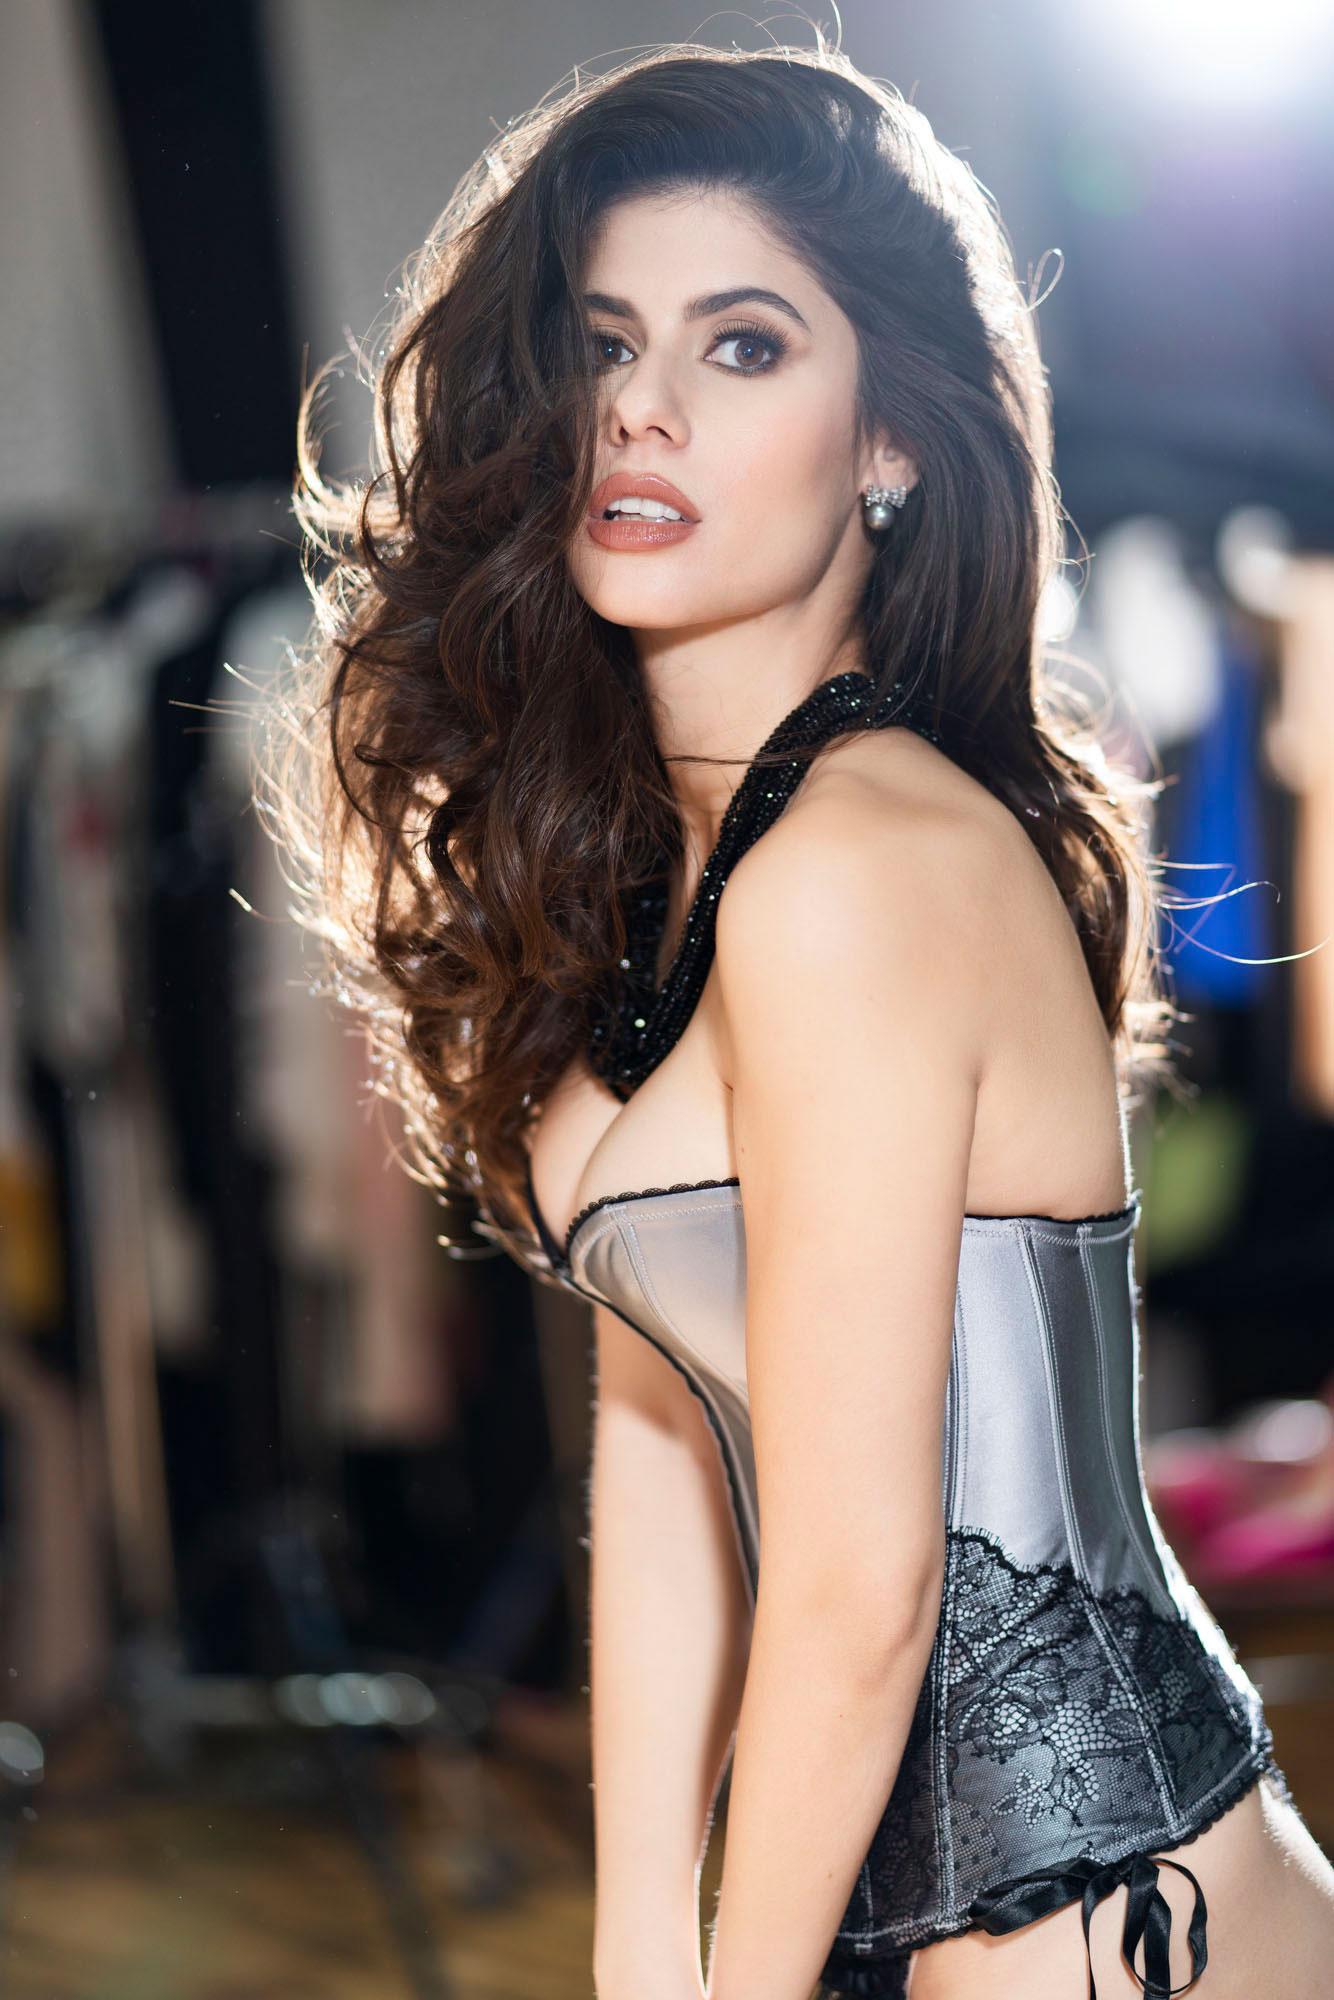 Inès Trocchia, Model